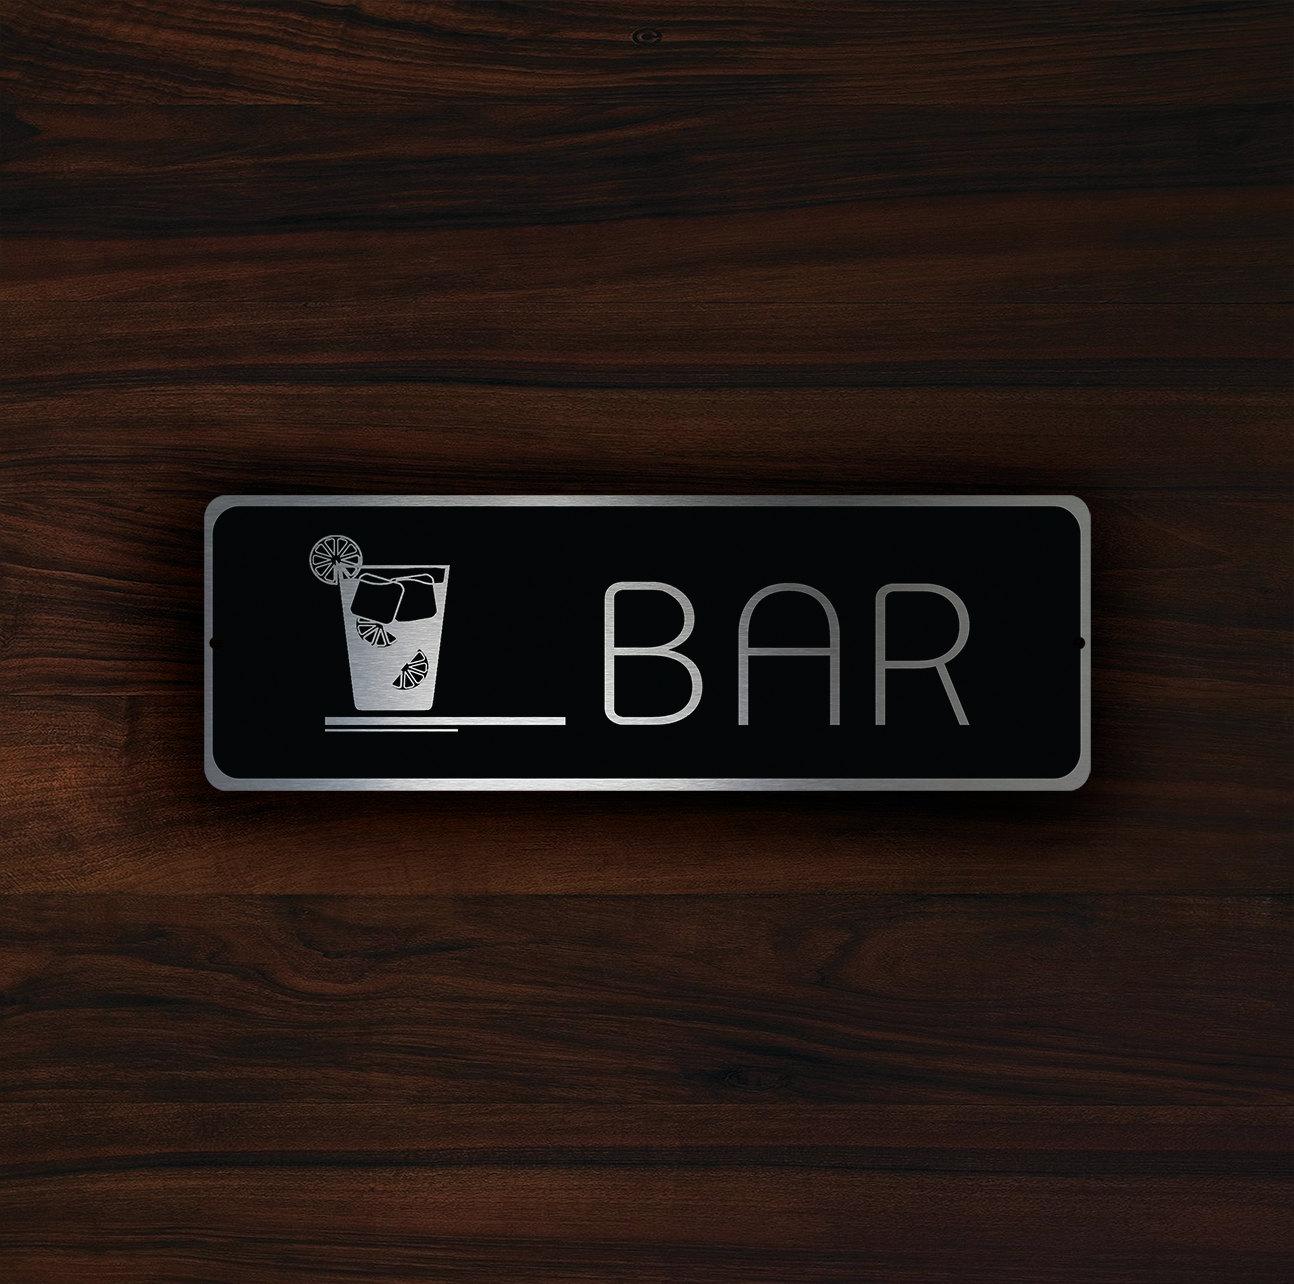 HOTEL BAR SIGN